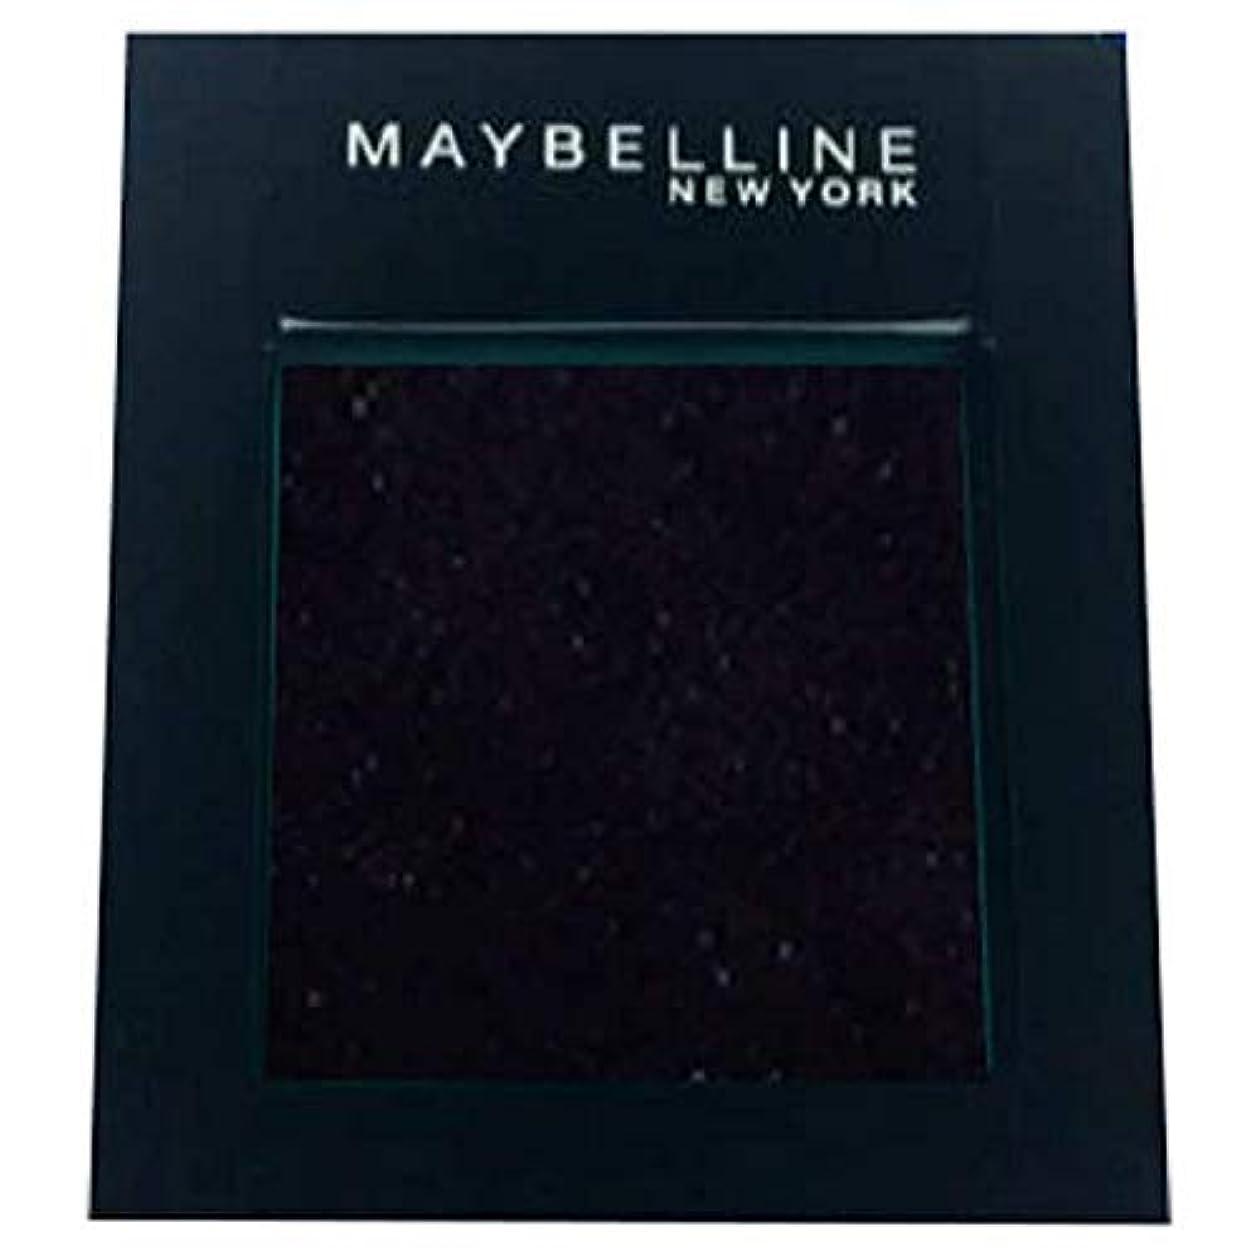 天気掃除準備した[Maybelline ] メイベリンカラーショーシングルアイシャドウ125の夜 - Maybelline Color Show Single Eyeshadow 125 Night [並行輸入品]